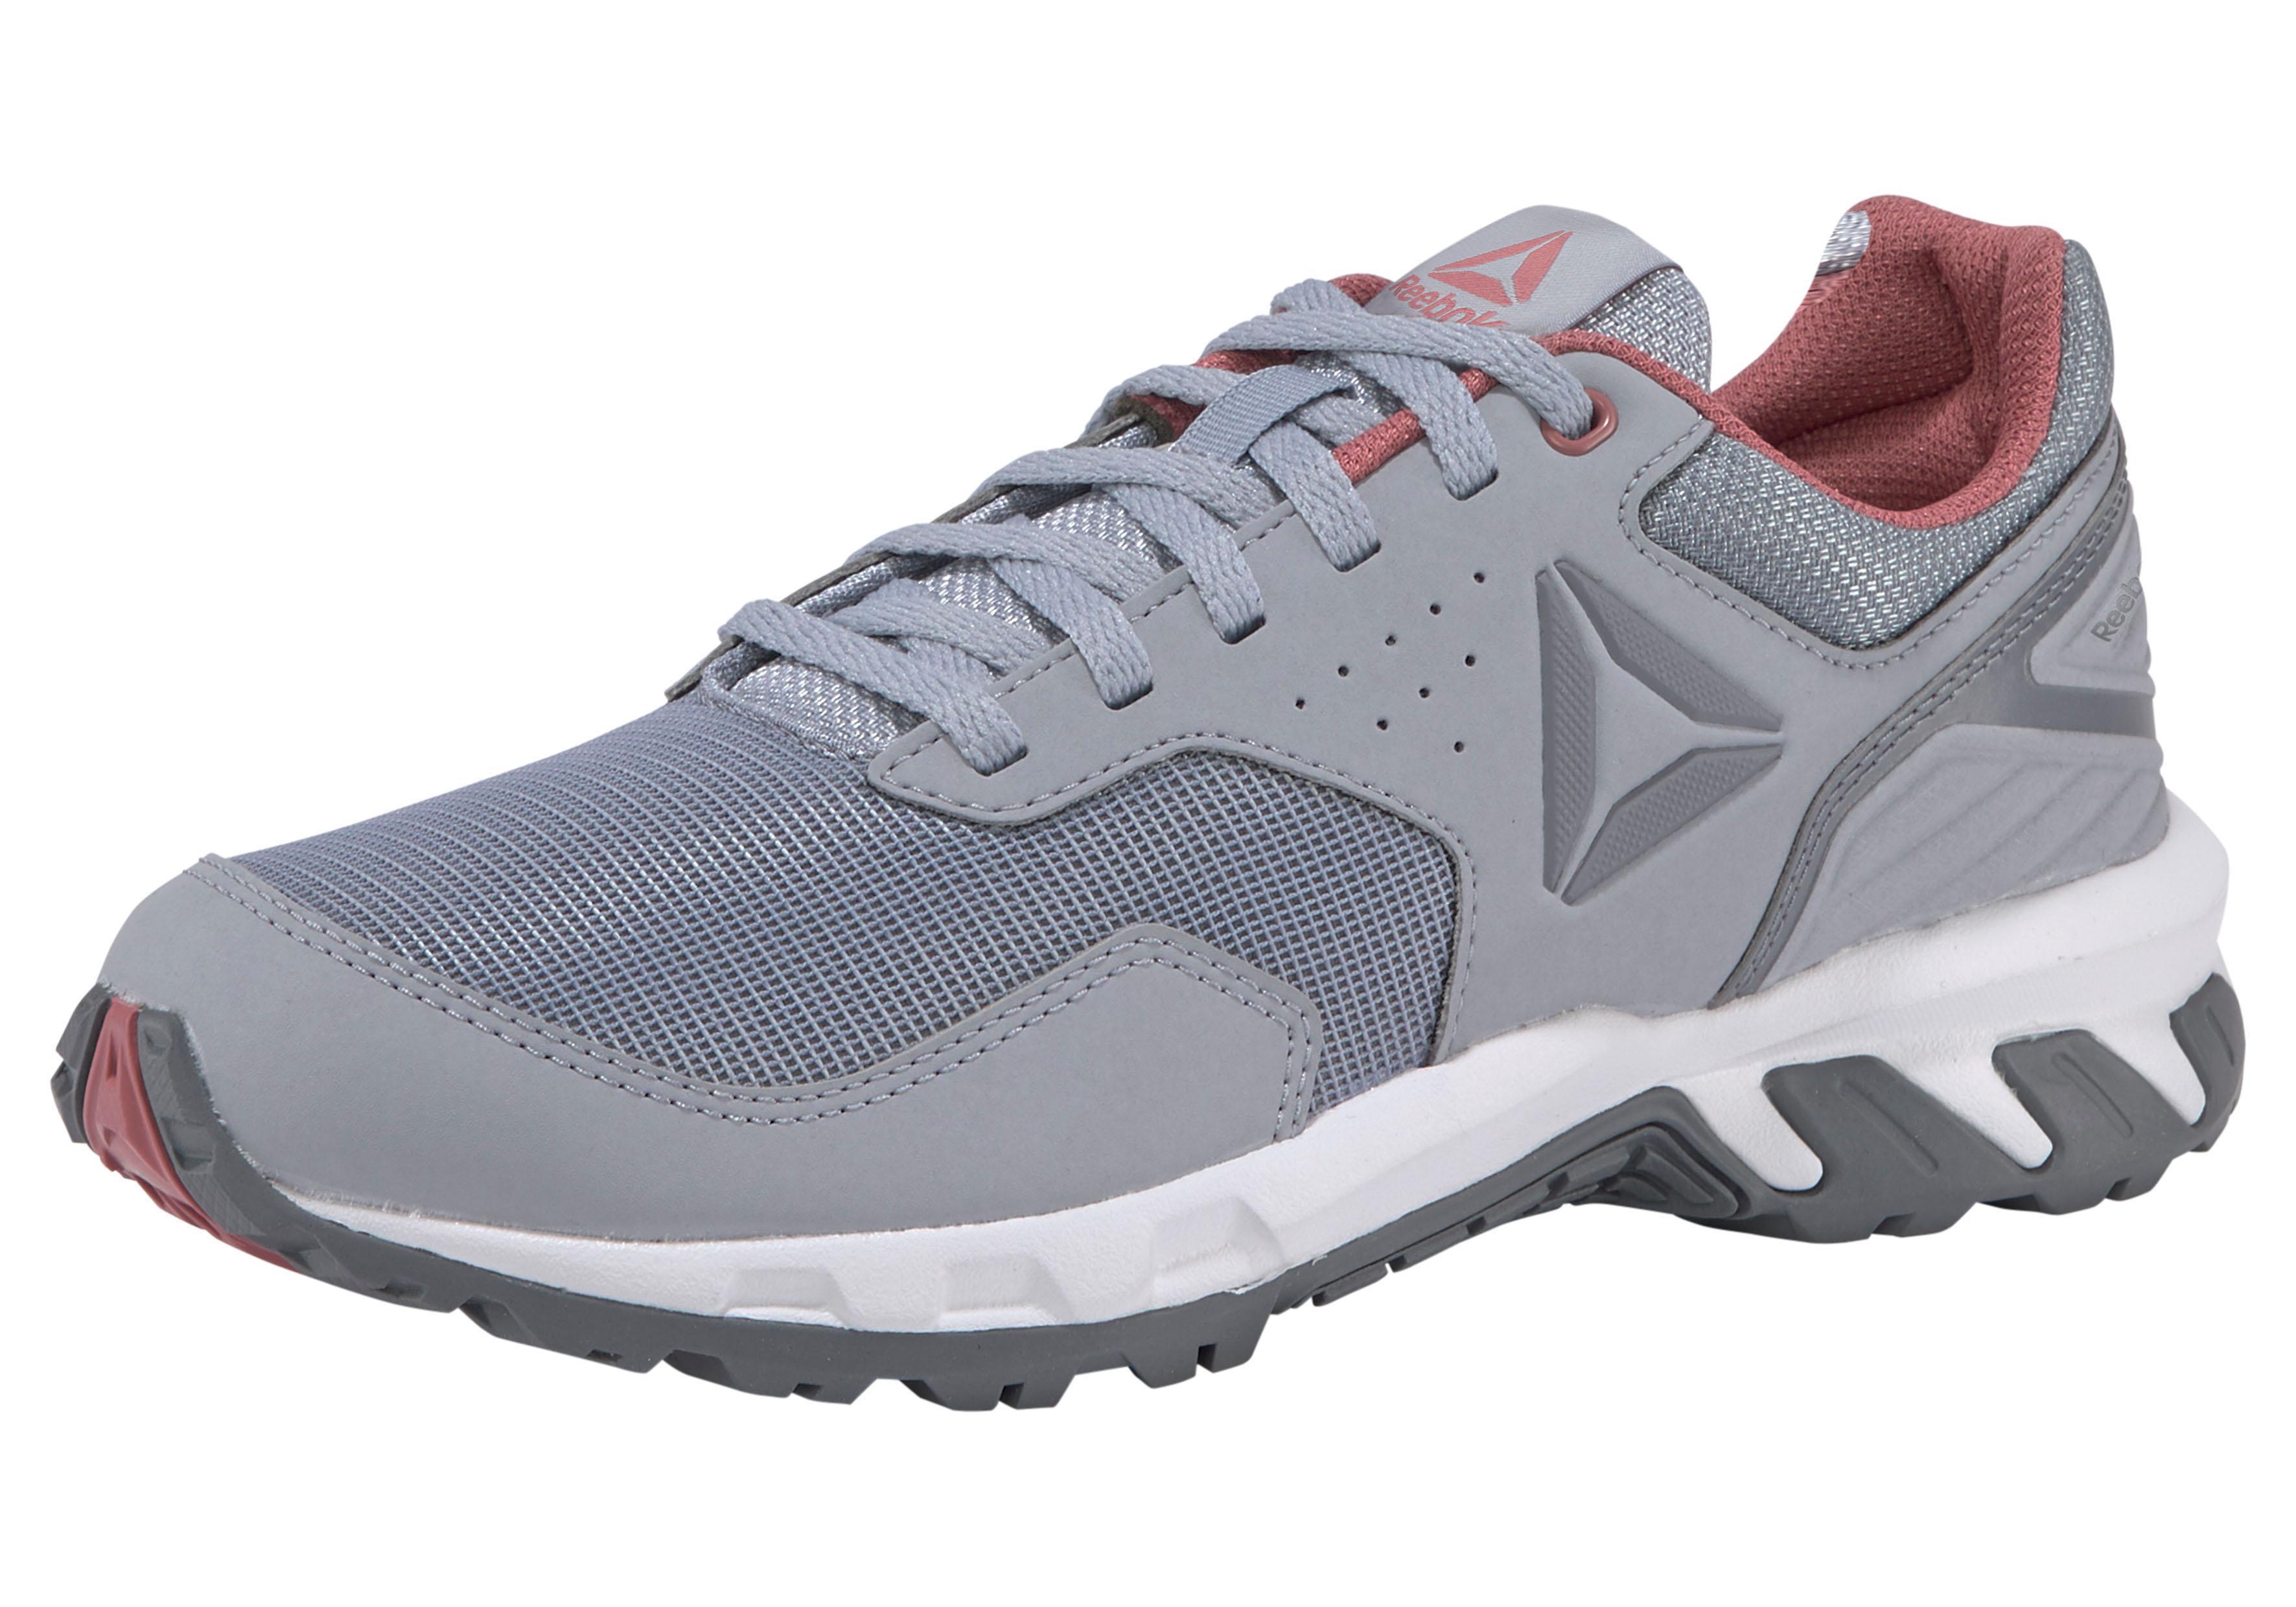 Reebok Walkingschuh RIDGERIDER TRAIL 40 W | Schuhe > Sportschuhe | Grau | Reebok